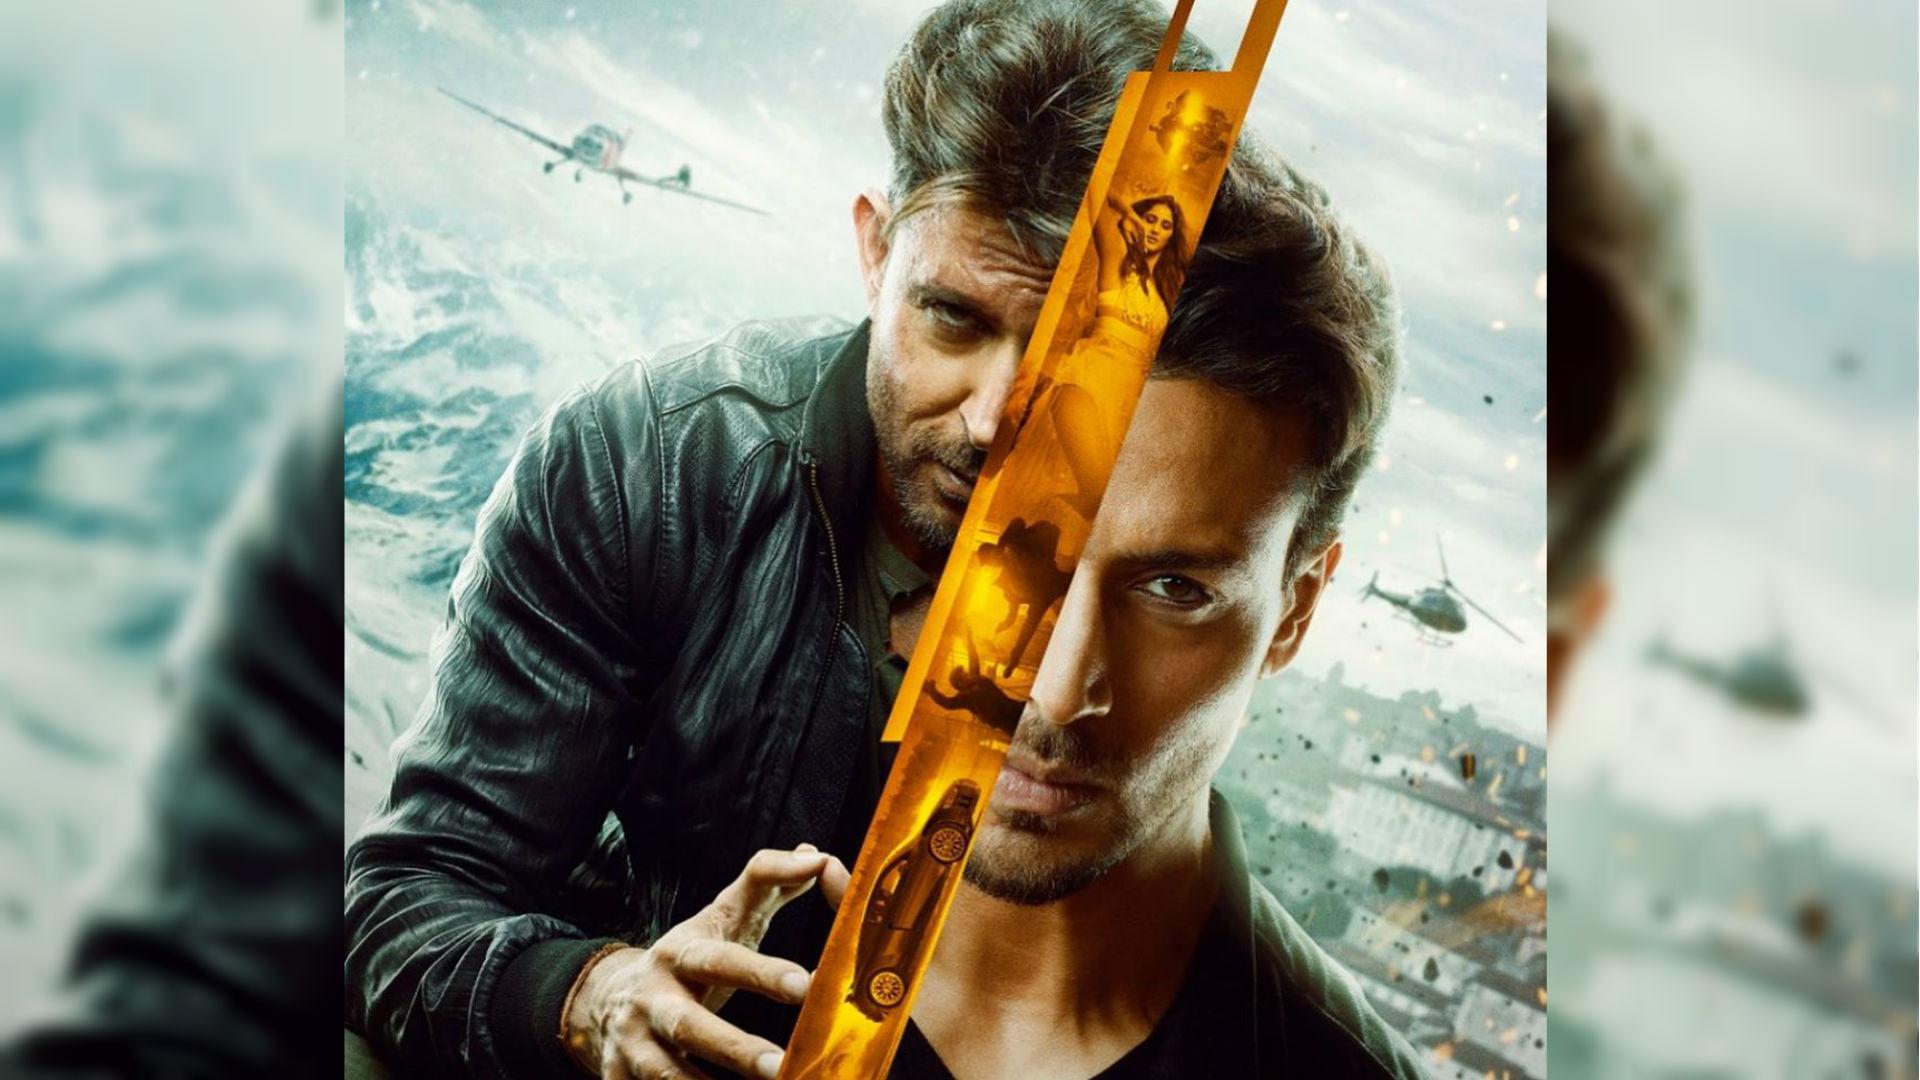 War Movie: एक्शन सुपरस्टार हैं ऋतिक रोशन, जान जोखिम में डाल फिल्म के लिए किया ये खतरनाक स्टंट